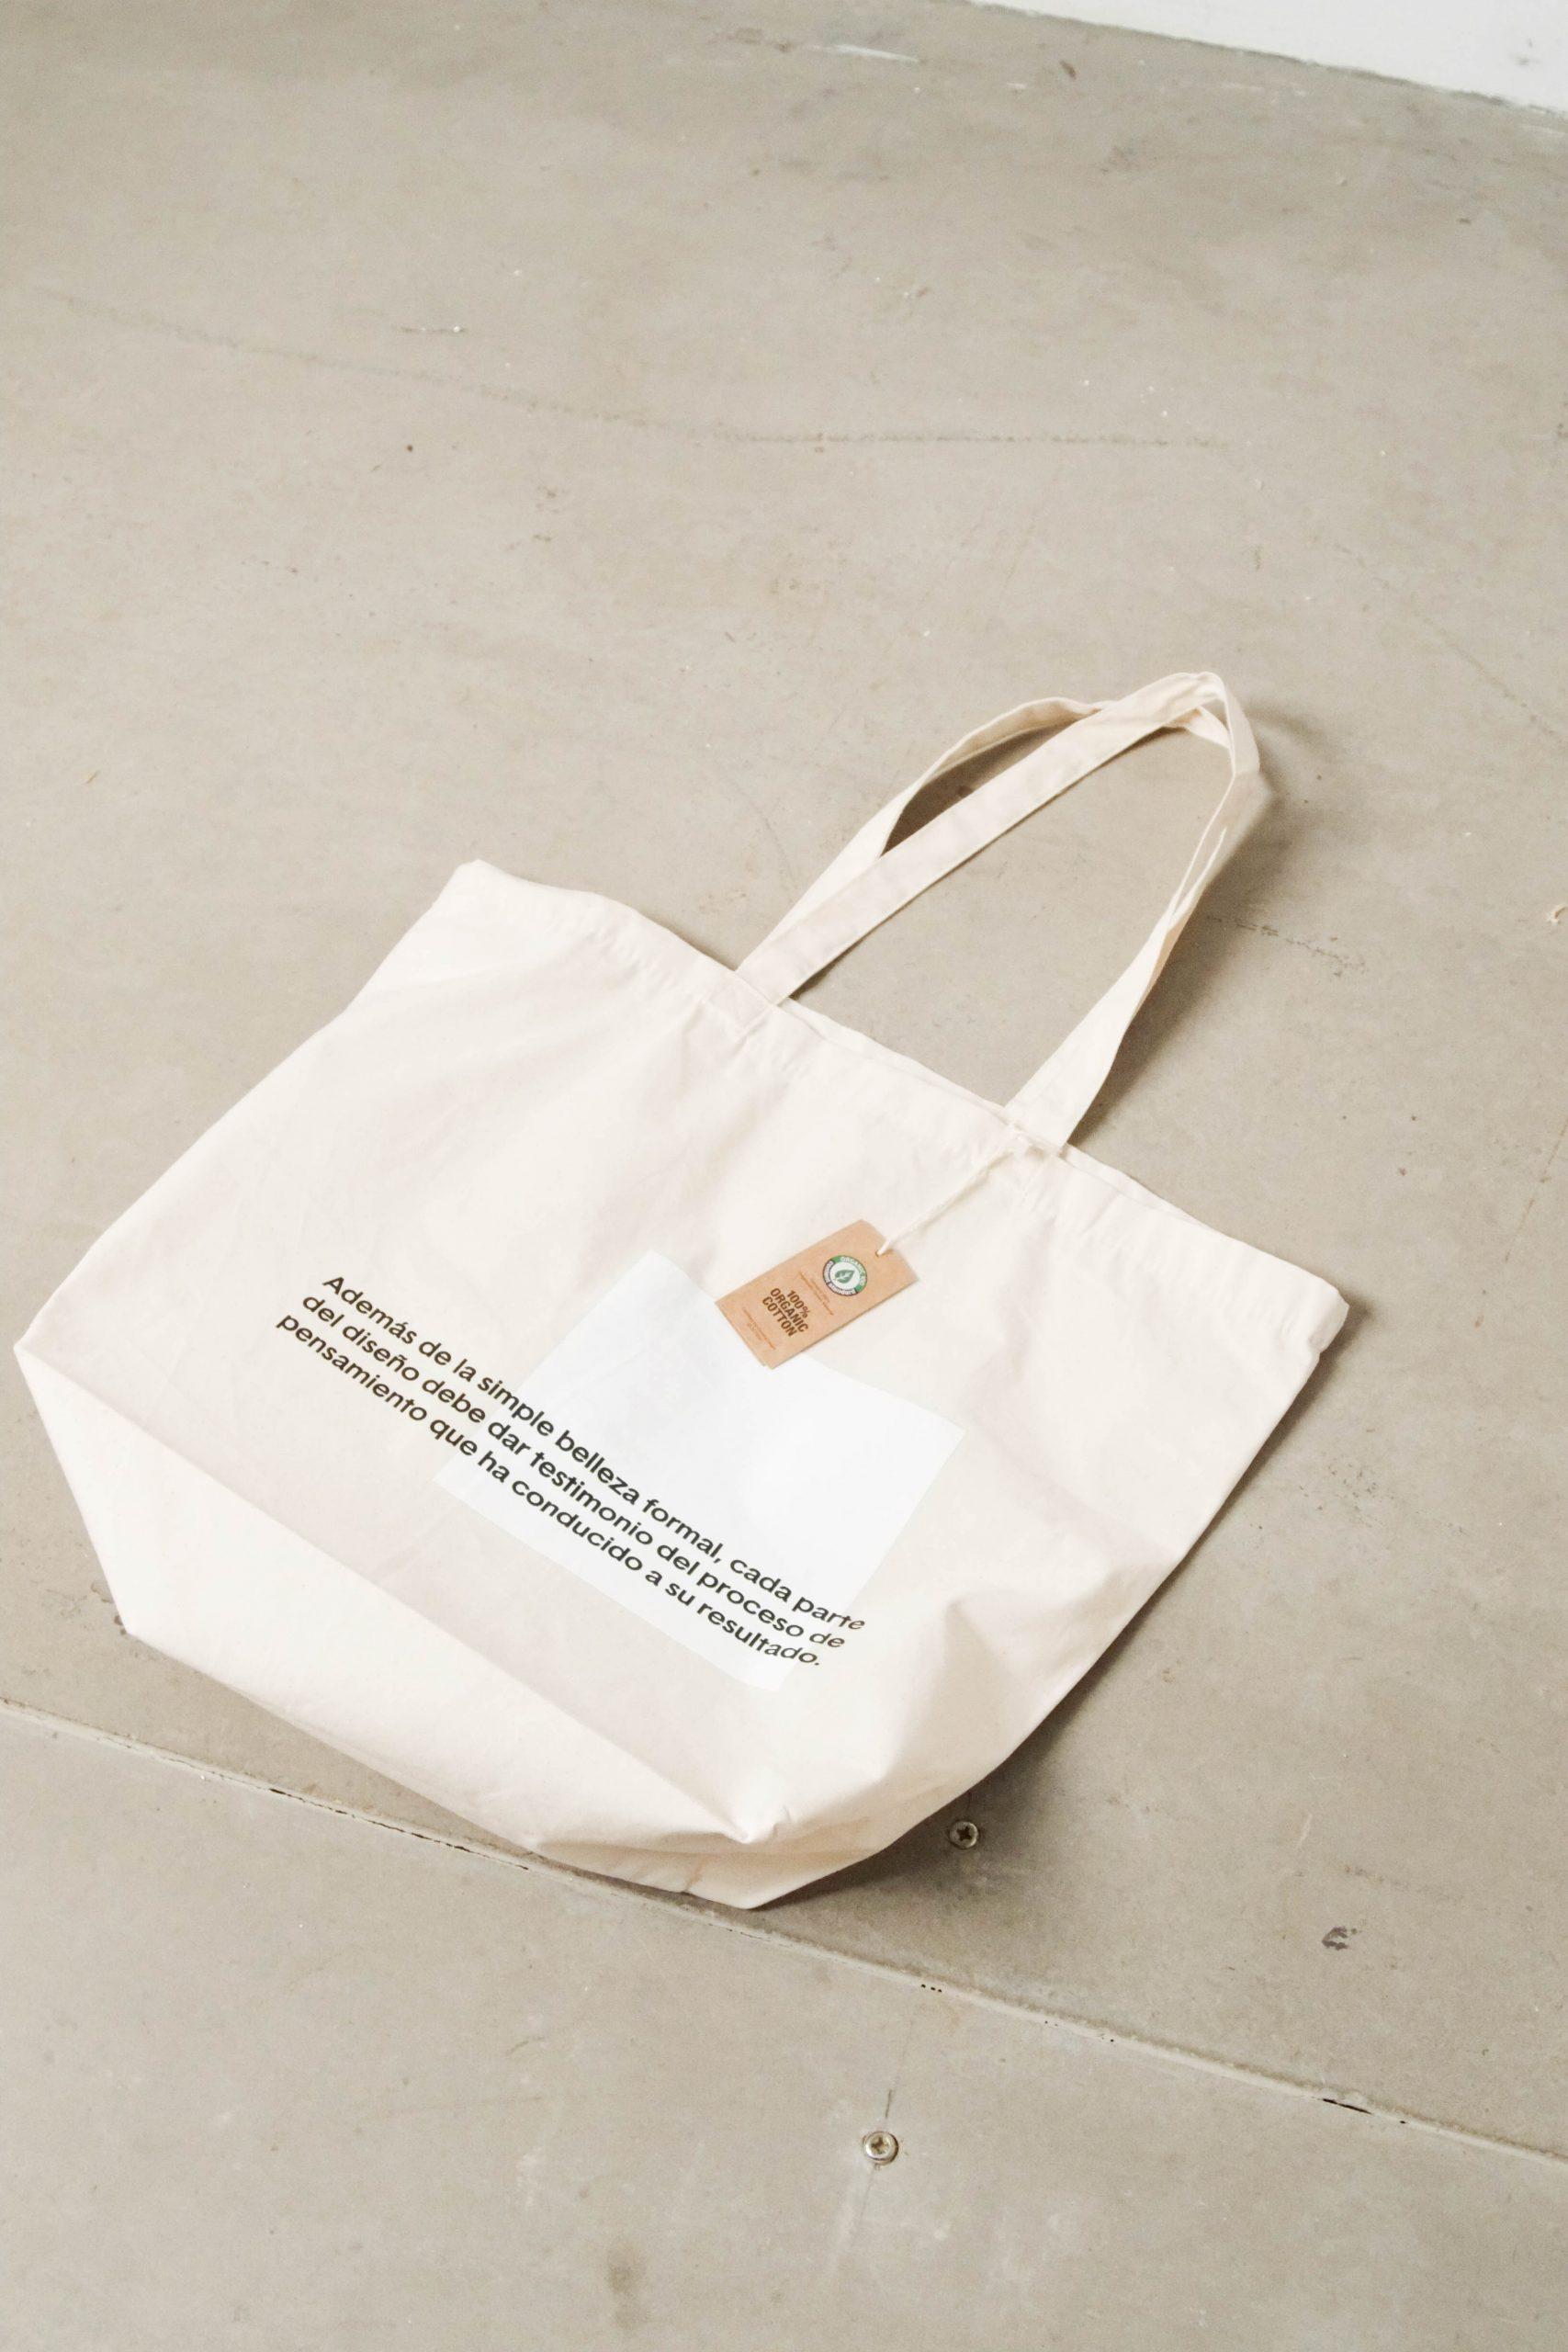 bolsa de diseño certificada de calidad fabricada a mano de calidad serigrafia